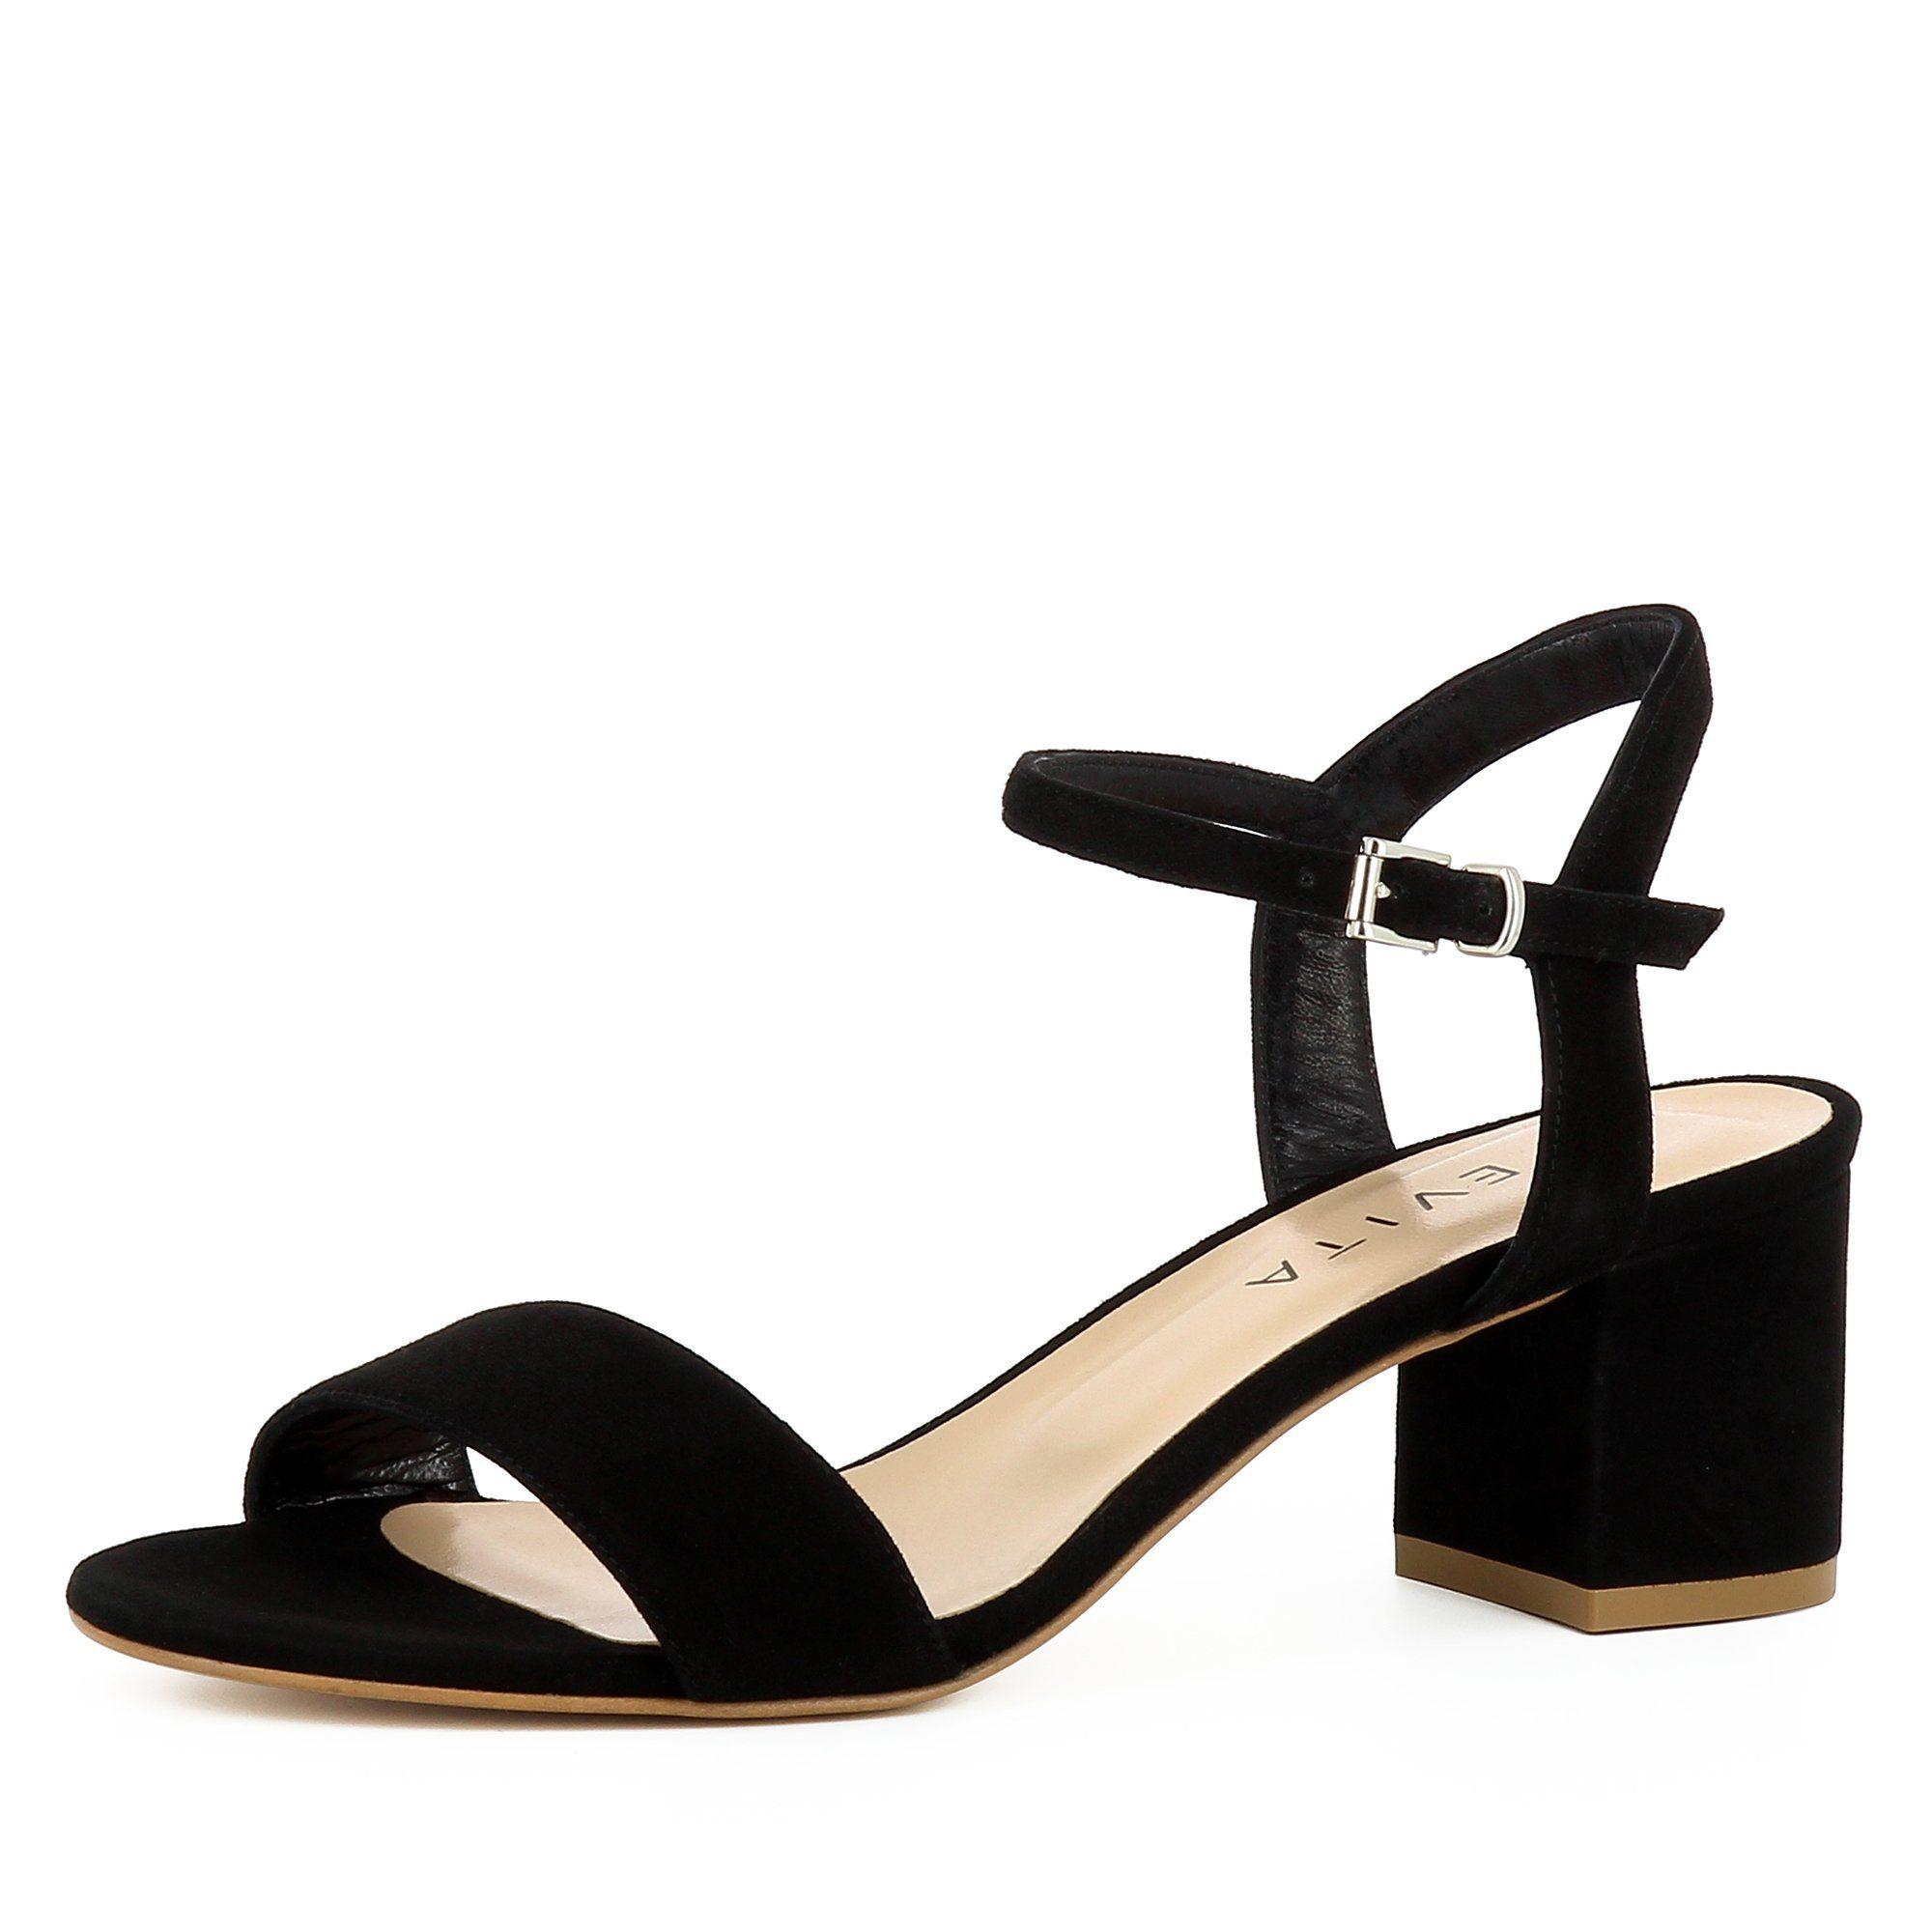 Evita MARIELLA Sandalette online kaufen  schwarz